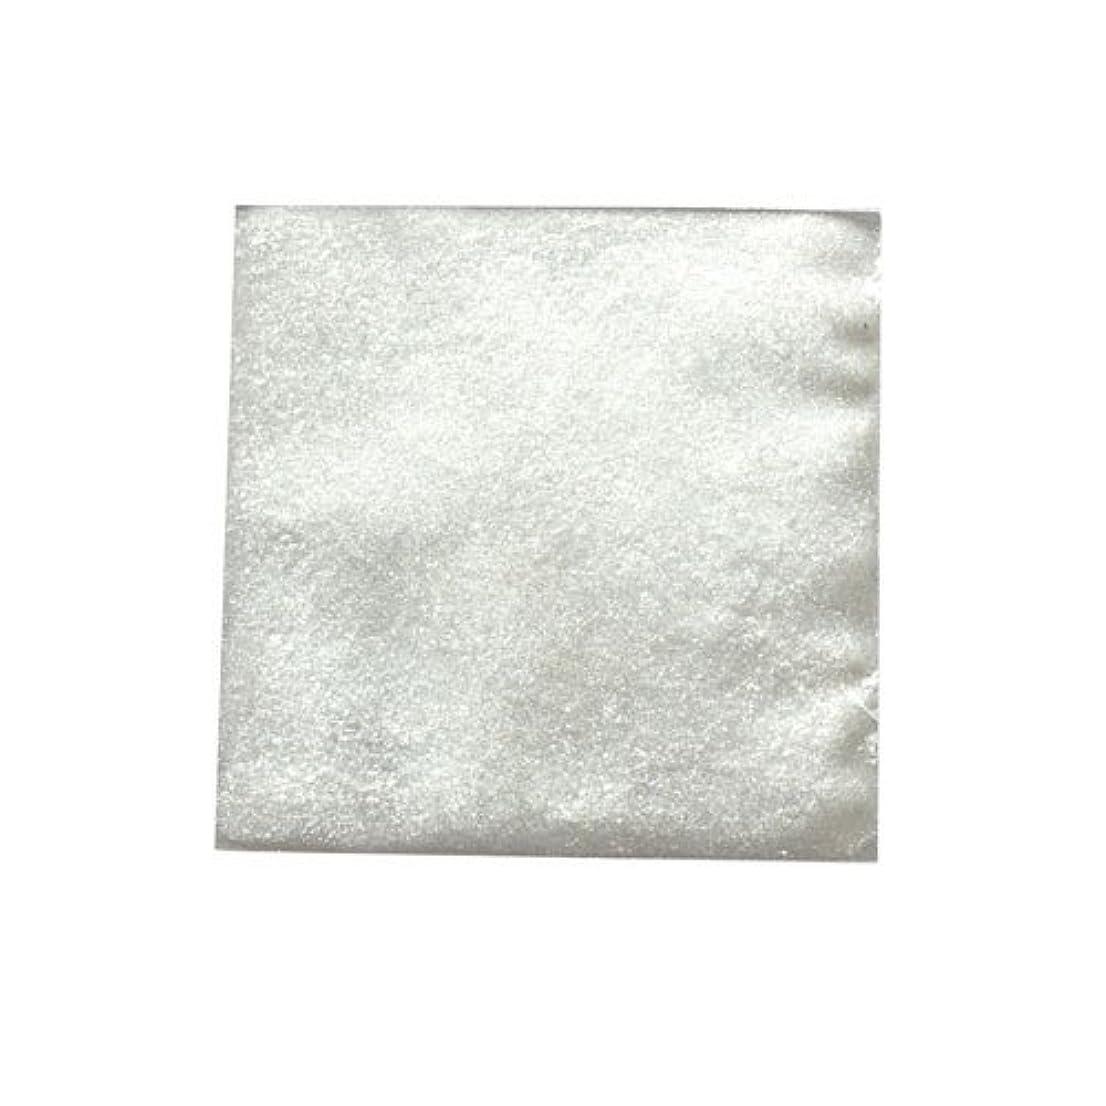 資産ピック海嶺ピカエース ネイル用パウダー ピカエース シャインダスト #461 ミラーホワイト 0.5g アート材